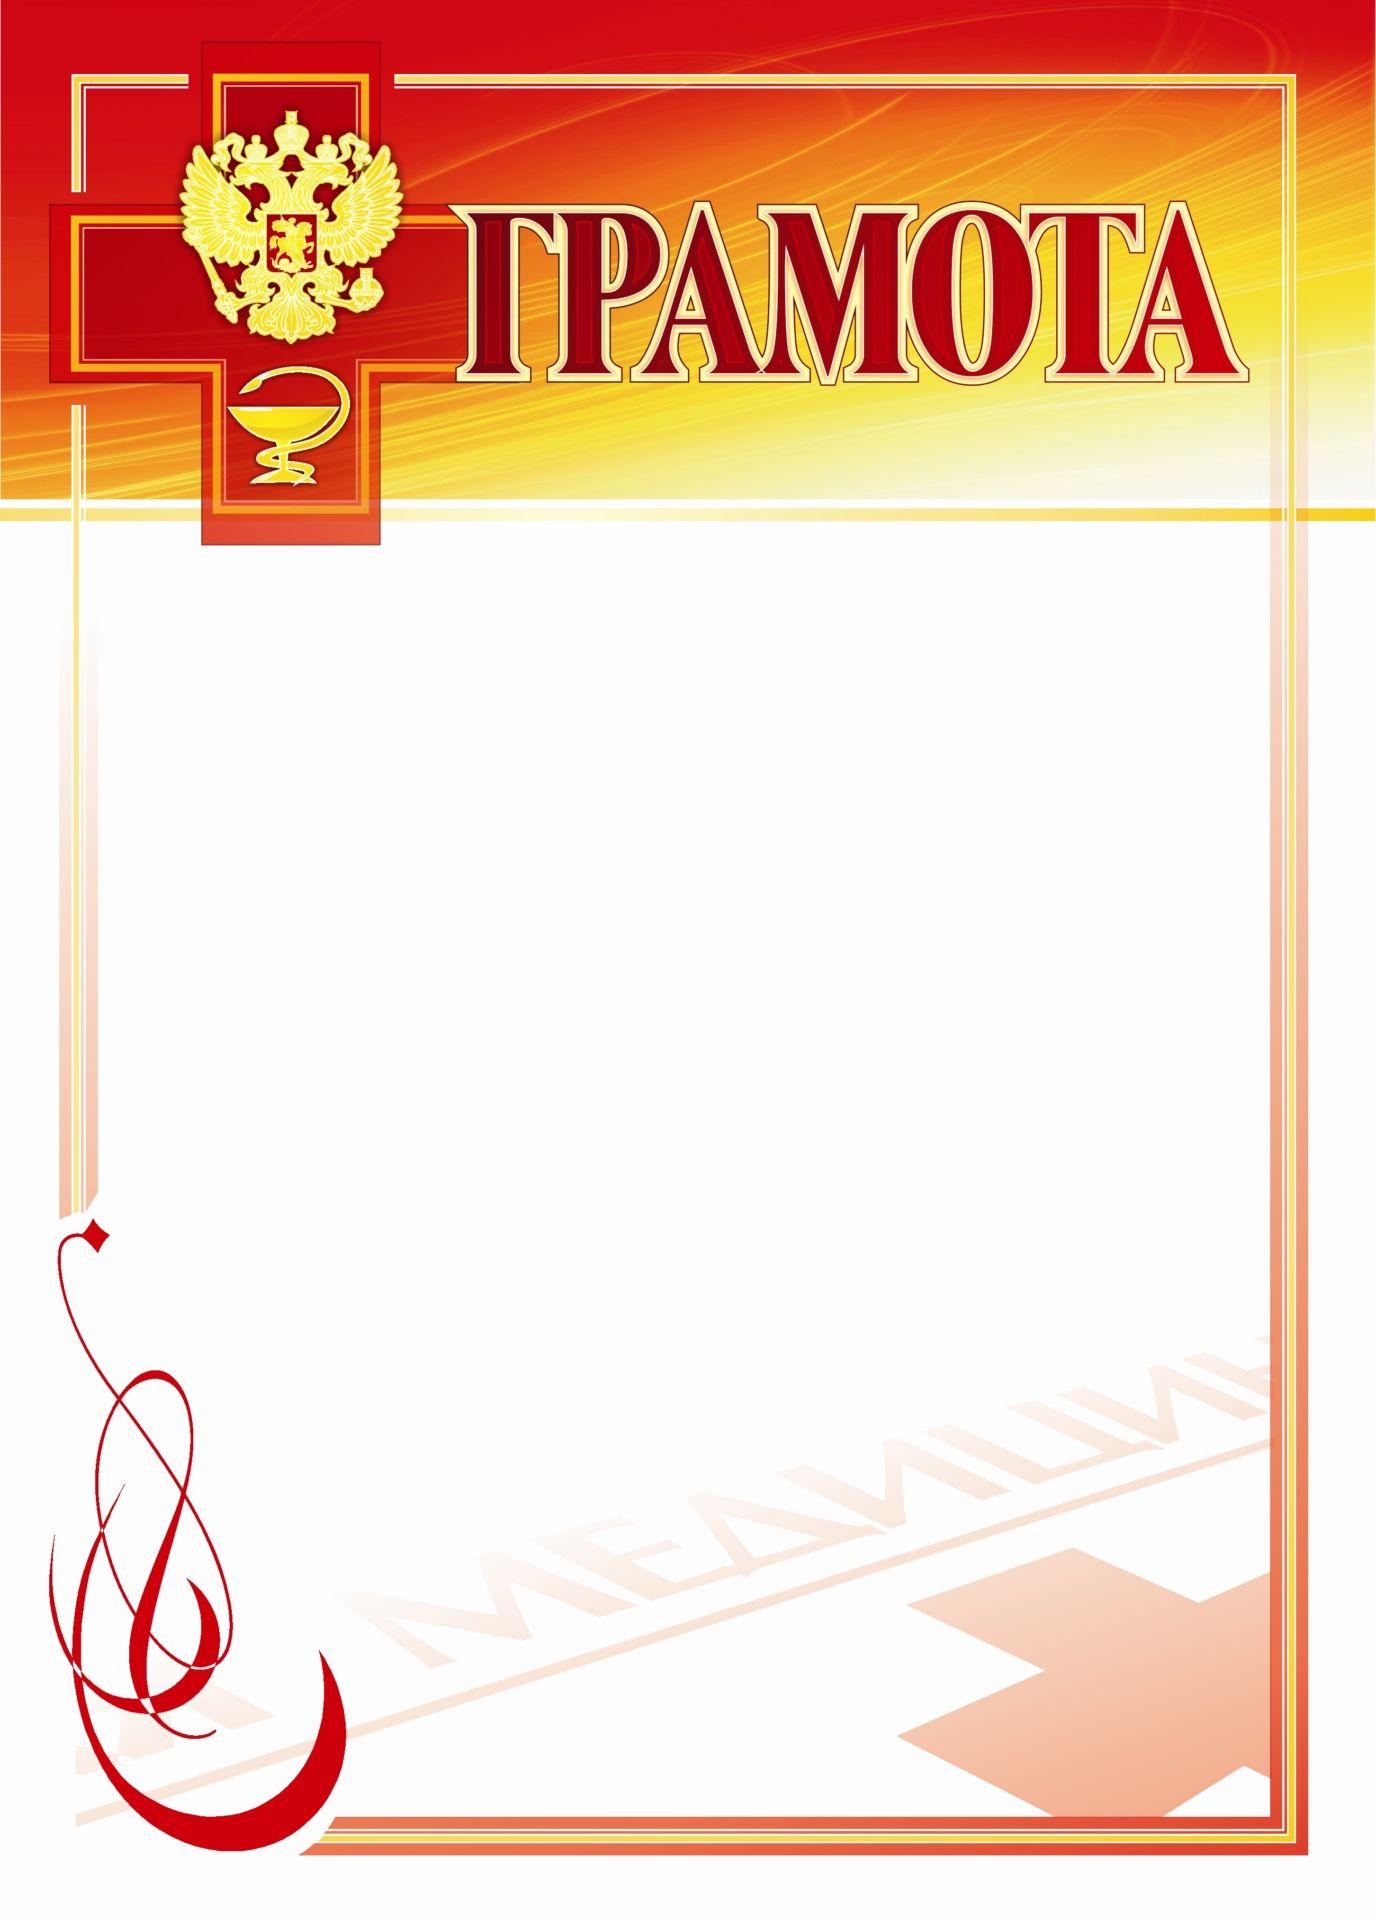 Грамота (с медицинской символикой): (Формат А4,  бумага мелованная матовая)К праздникам и мероприятиям<br>Материалы:на обложку - бумага мелованная, пл. 250.00.<br><br>Год: 2017<br>Высота: 297<br>Ширина: 210